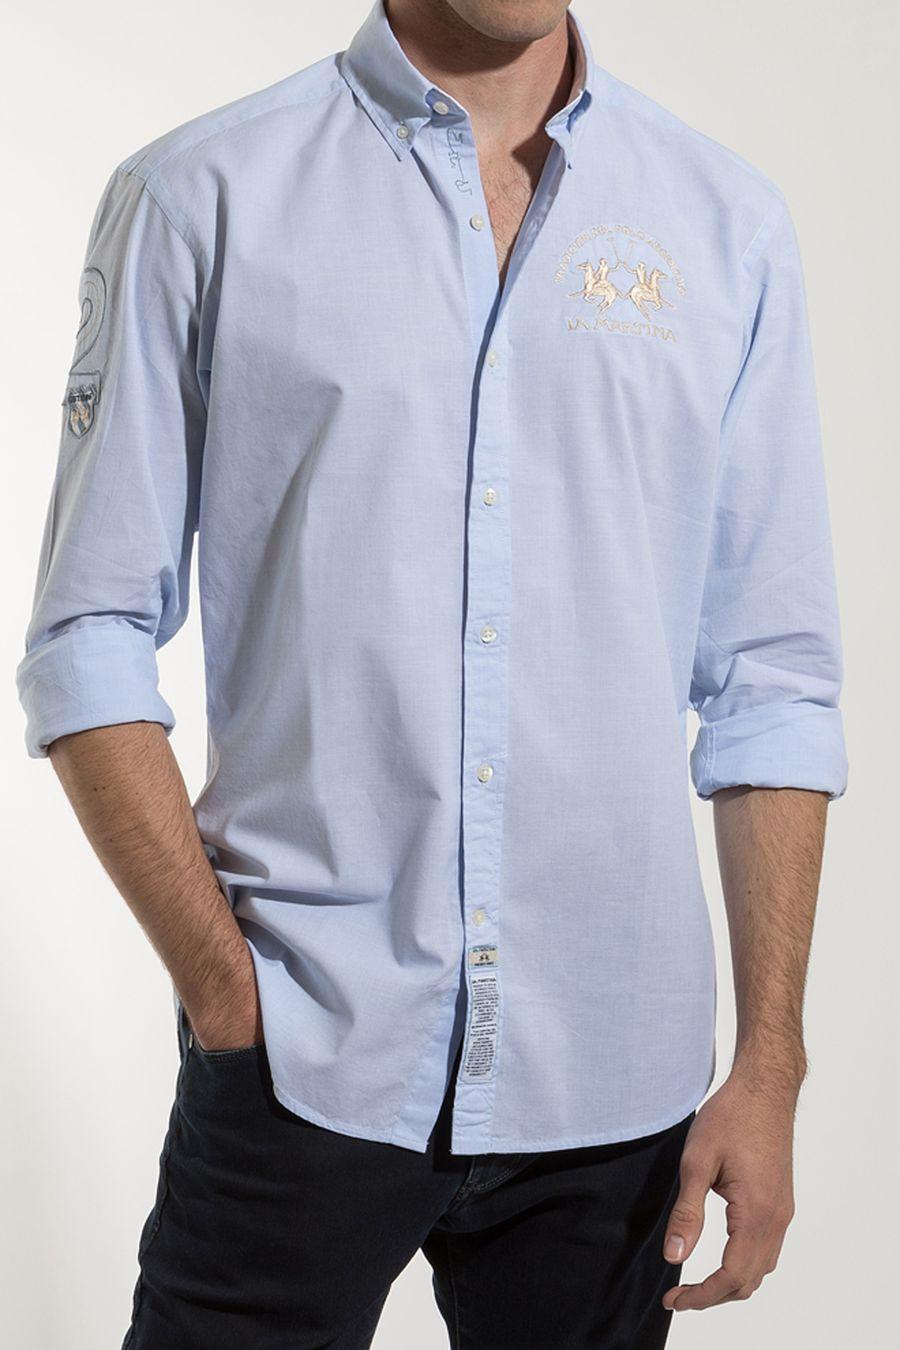 Camisa-Ml-Equipo-Hmc-603